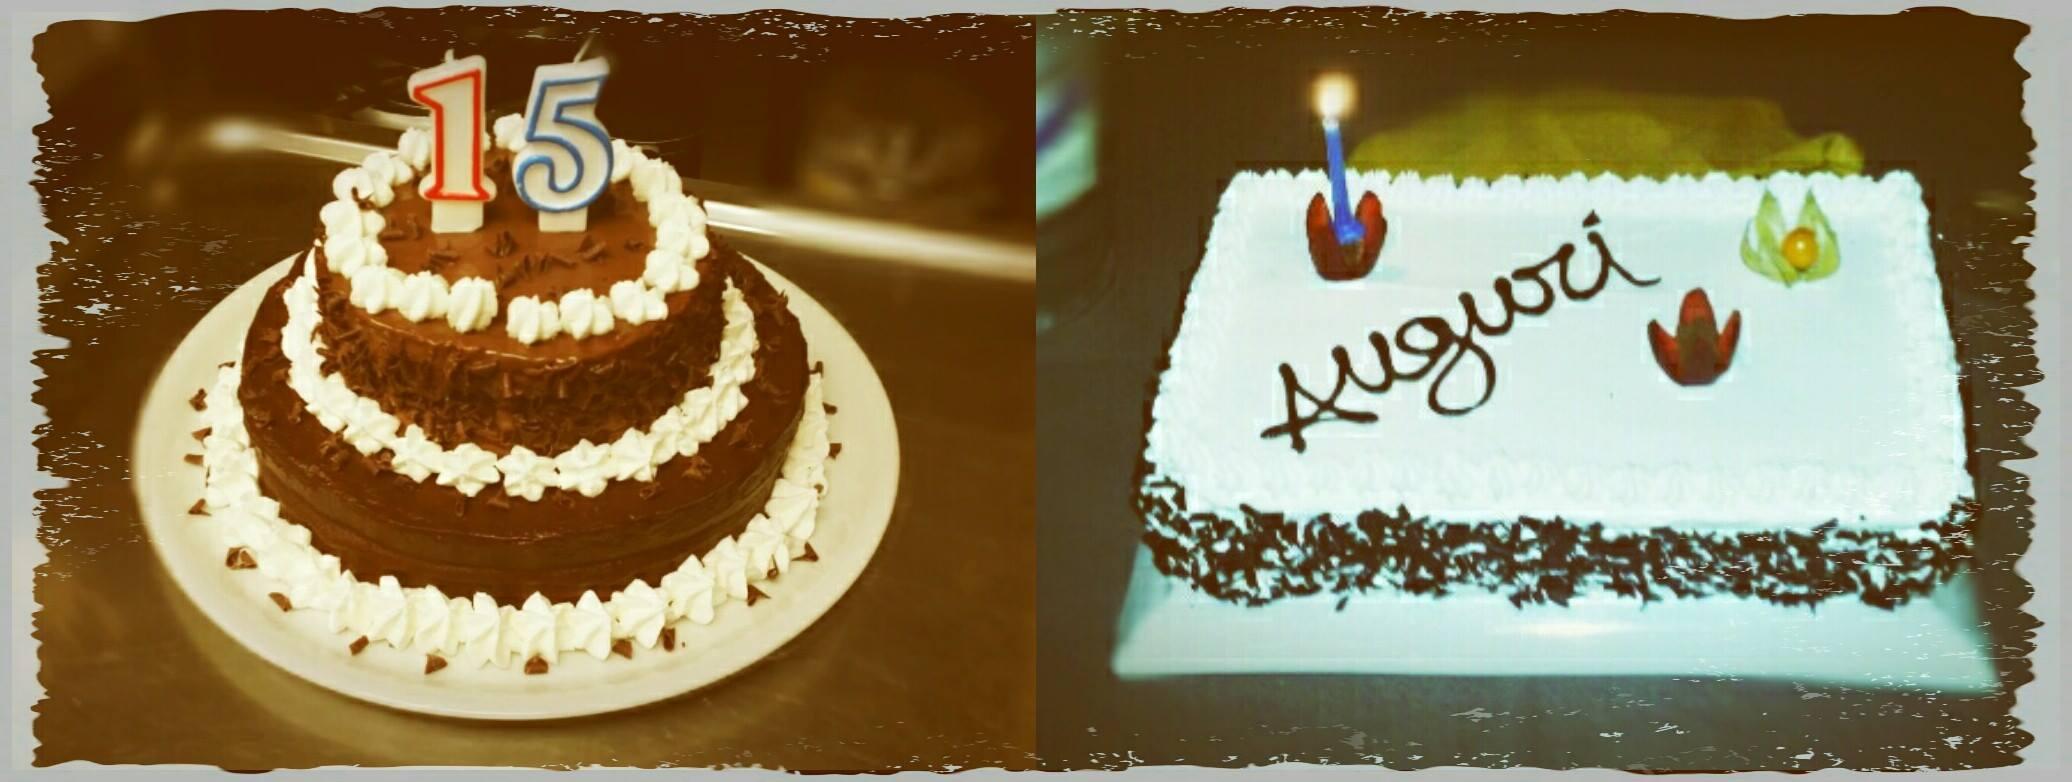 Una torta al cioccolato con una candela a forma di numero 15 e sulla destra un'altra farcito con panna e cioccolato con scritto Auguri e una candela